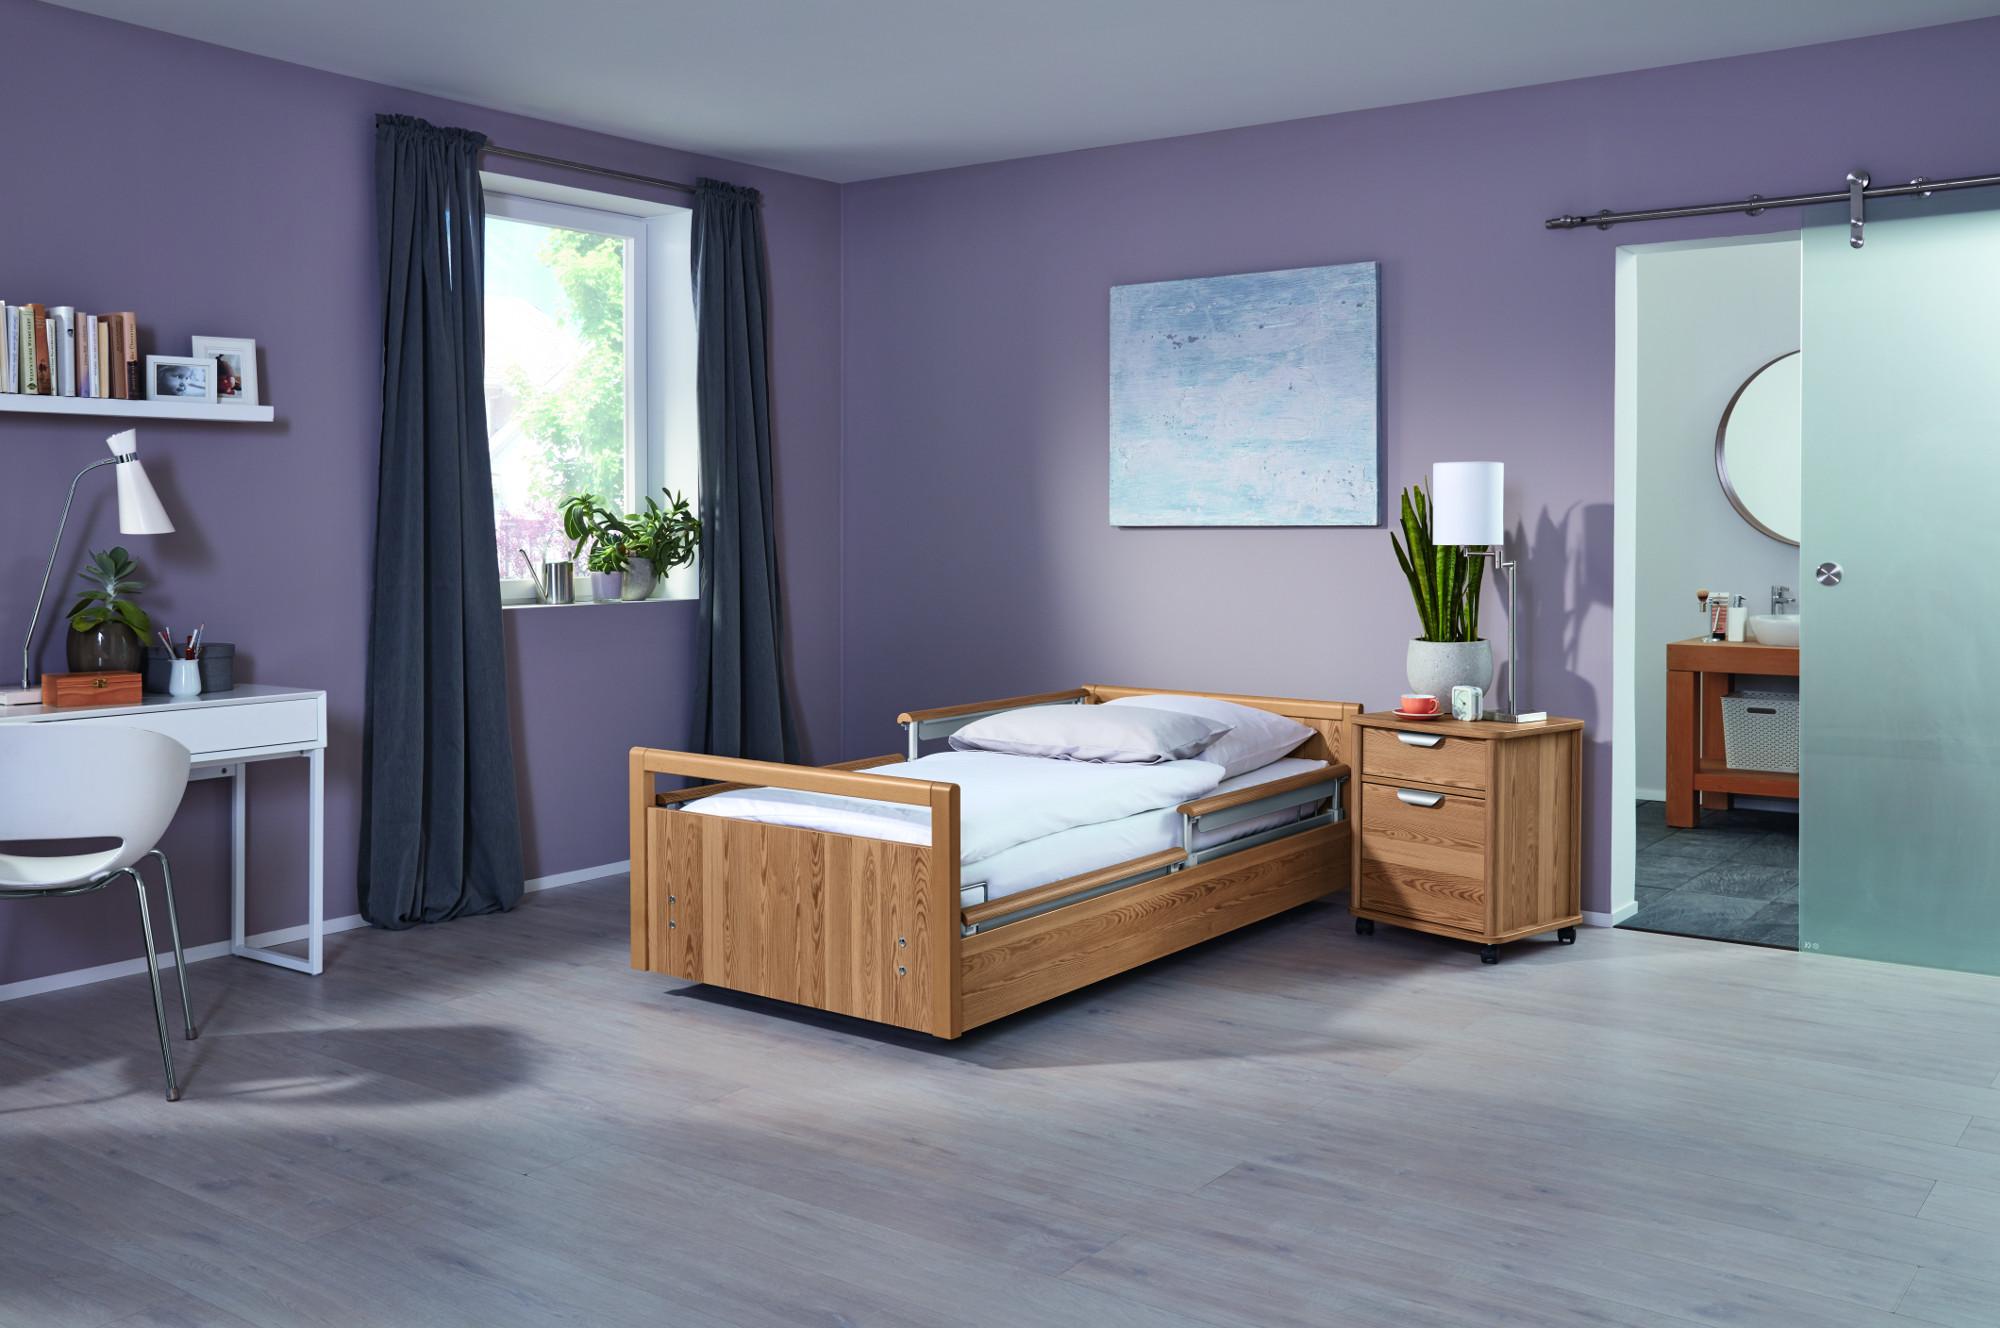 Neue Dekore für wissner-bosserhoff Pflegebetten